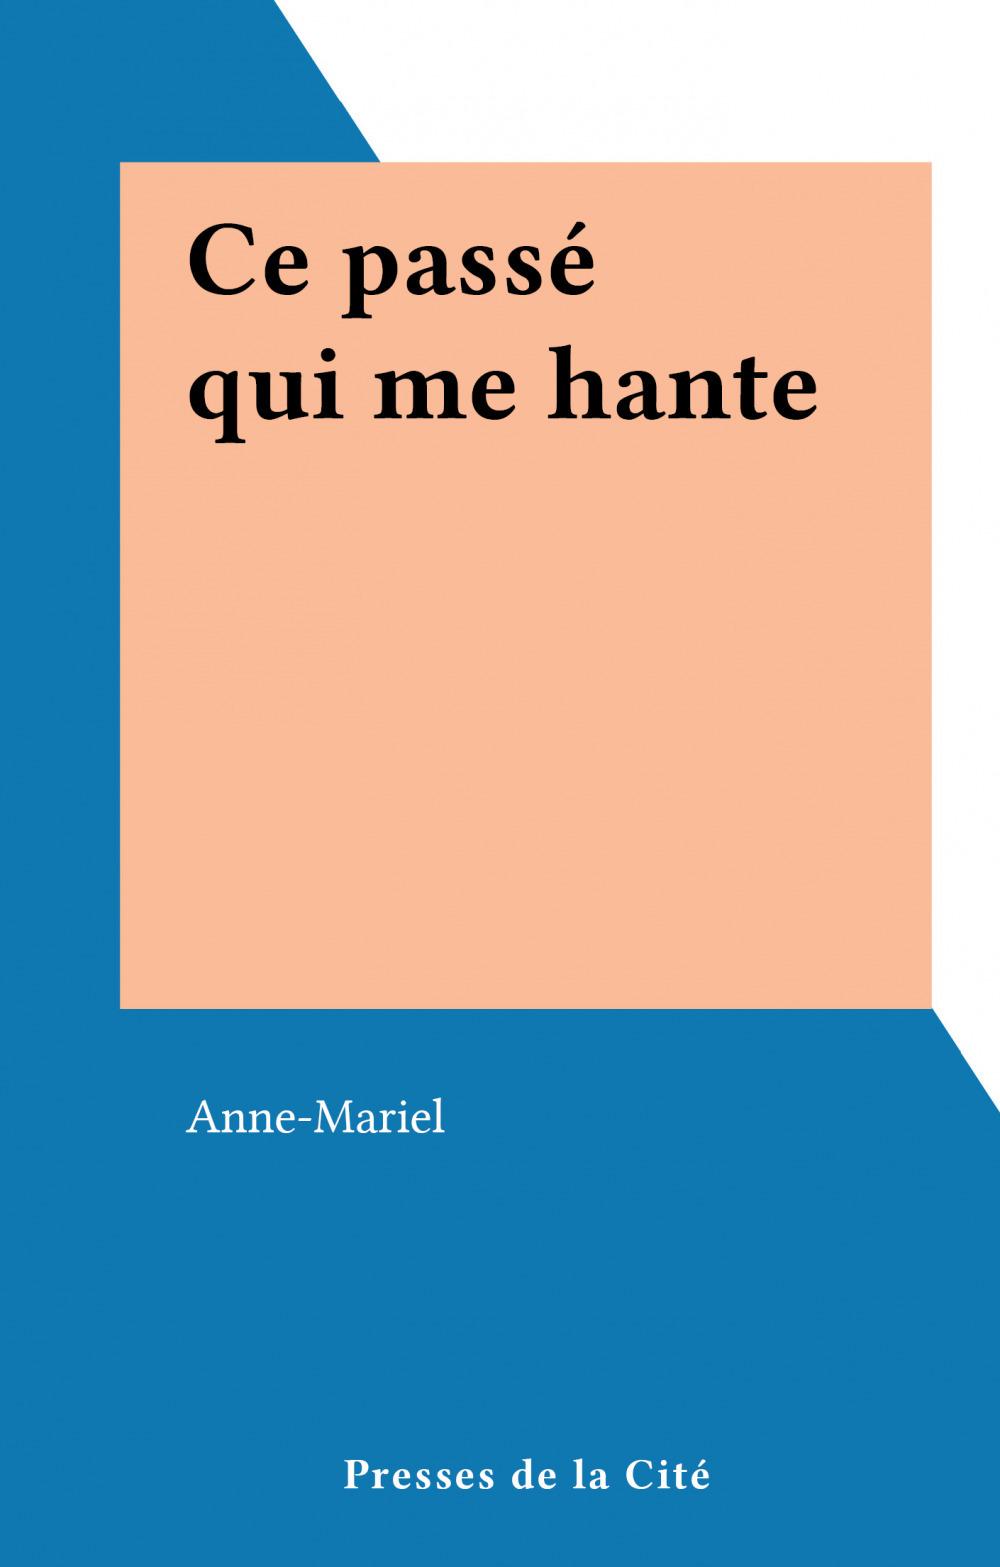 Ce passé qui me hante  - Anne-Mariel